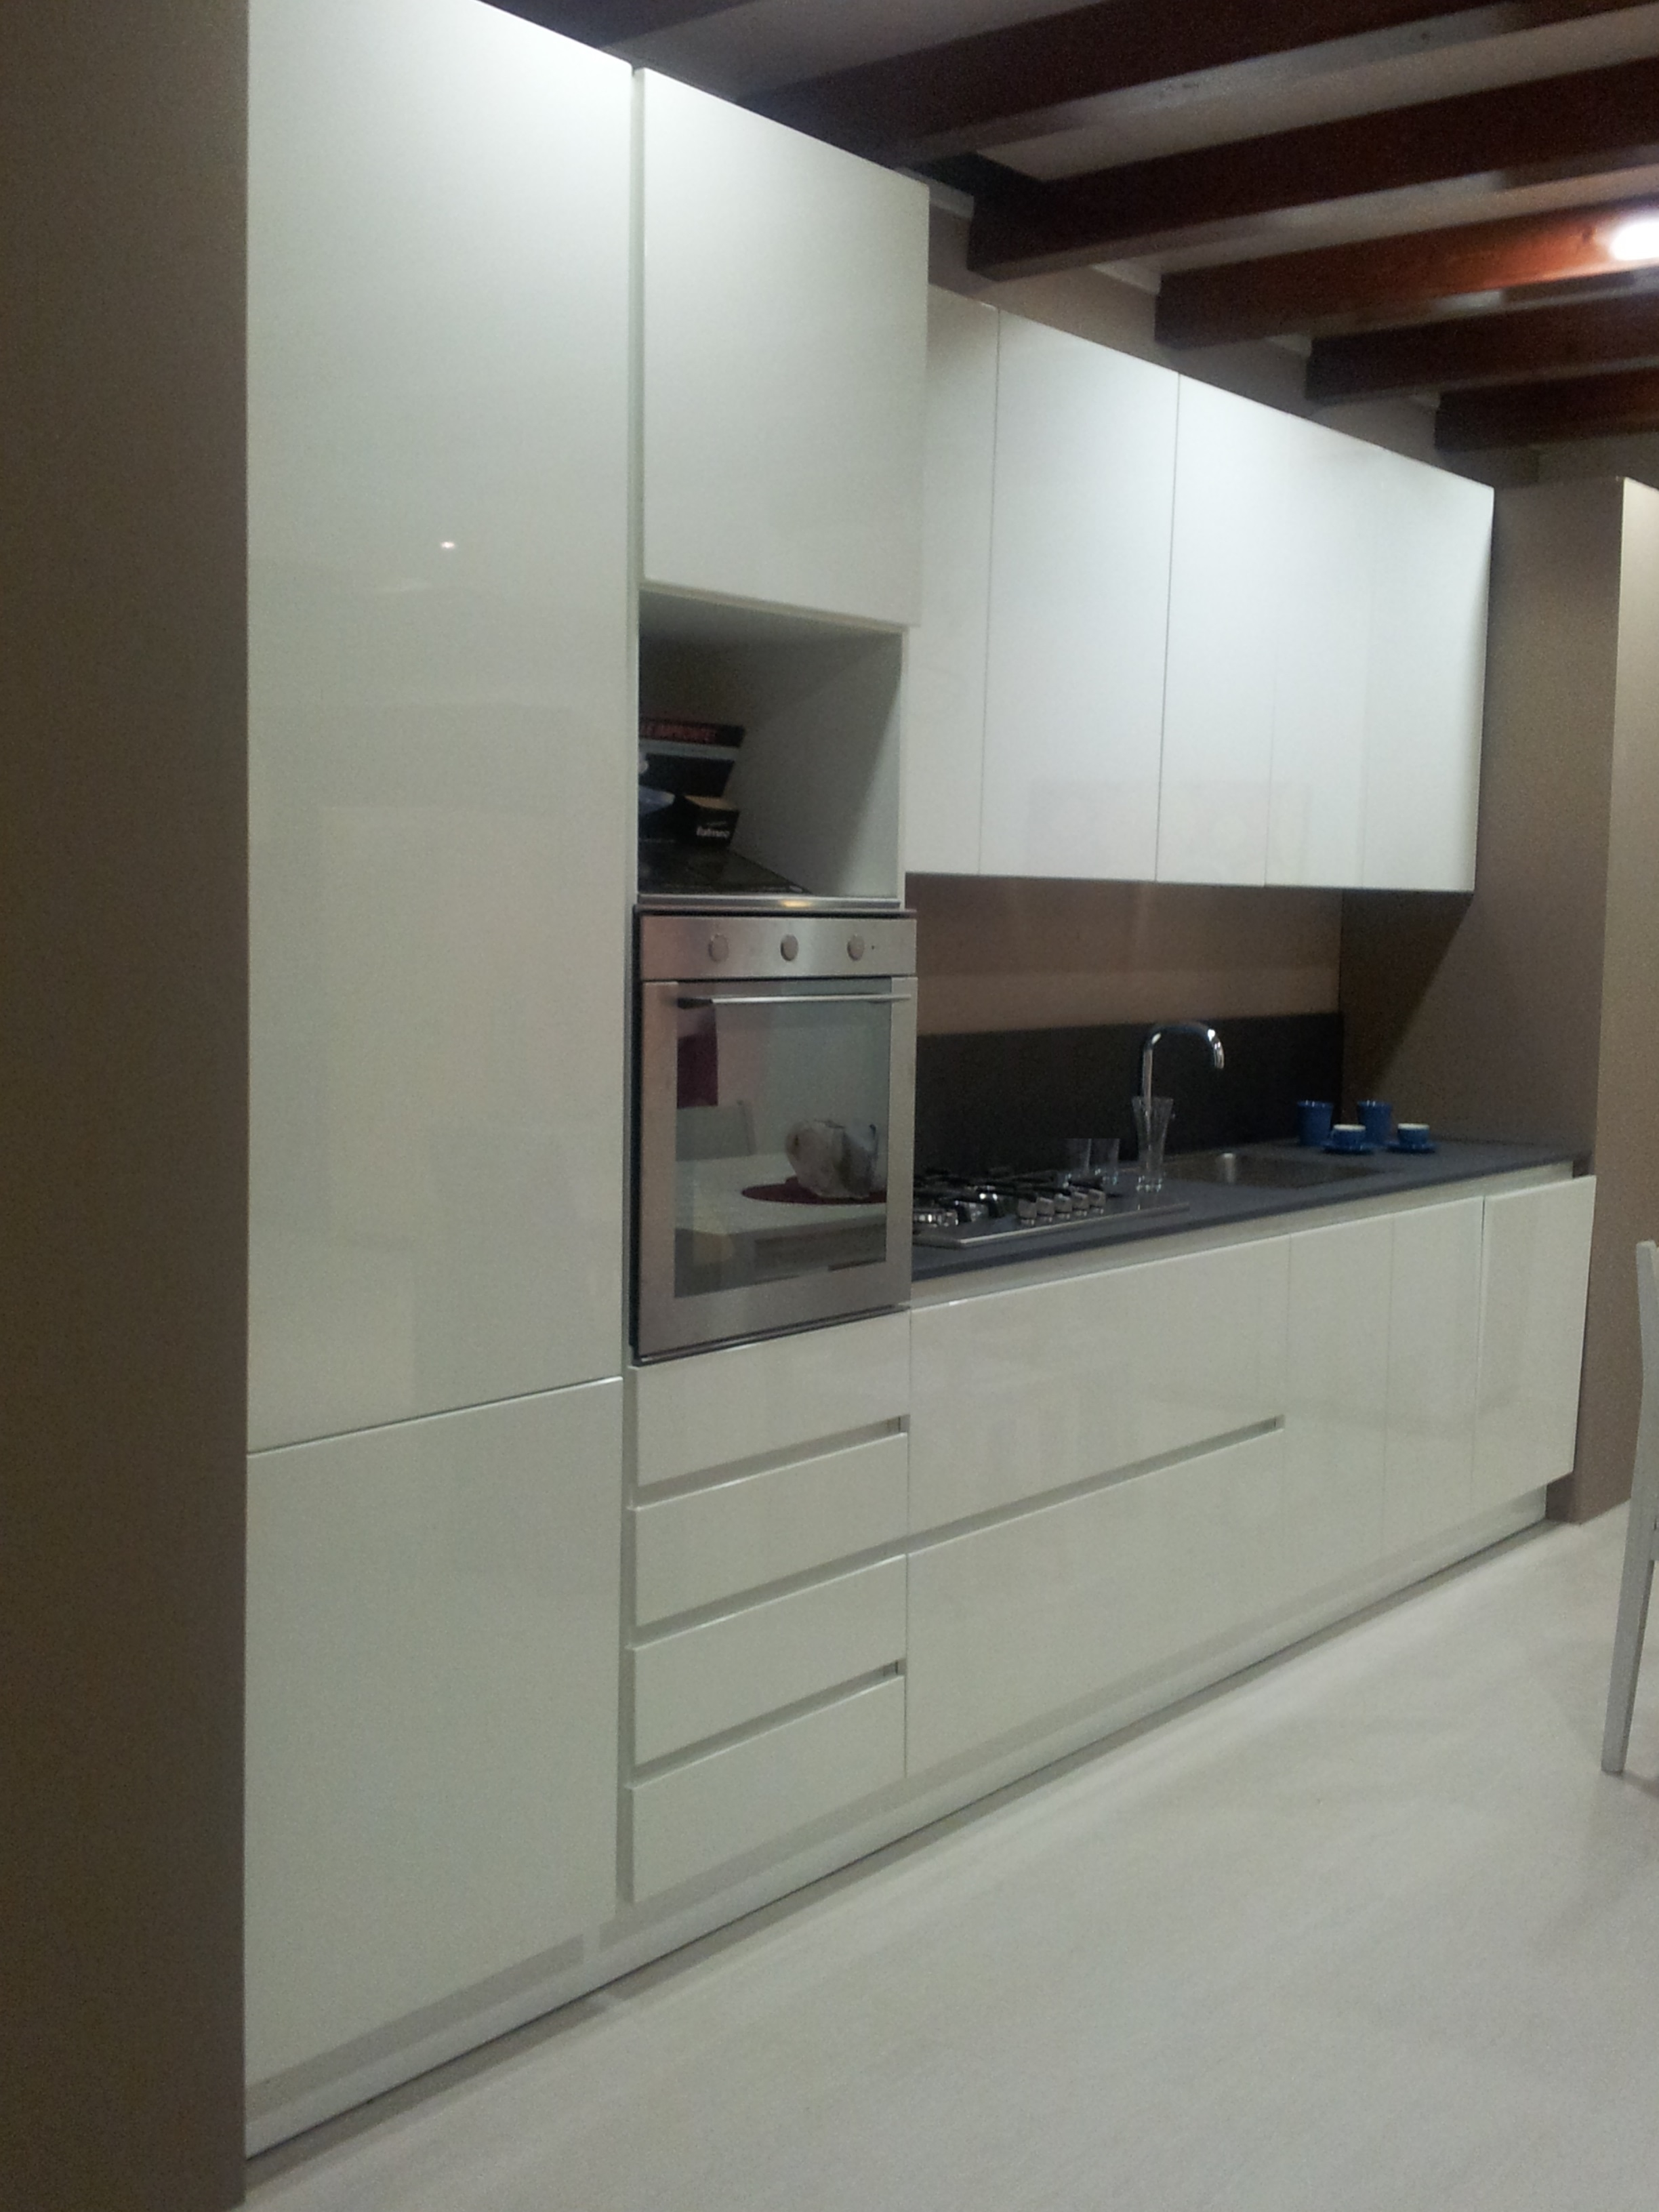 Promozione cucina zampieri cucine 20884 cucine a - Zampieri cucine showroom ...